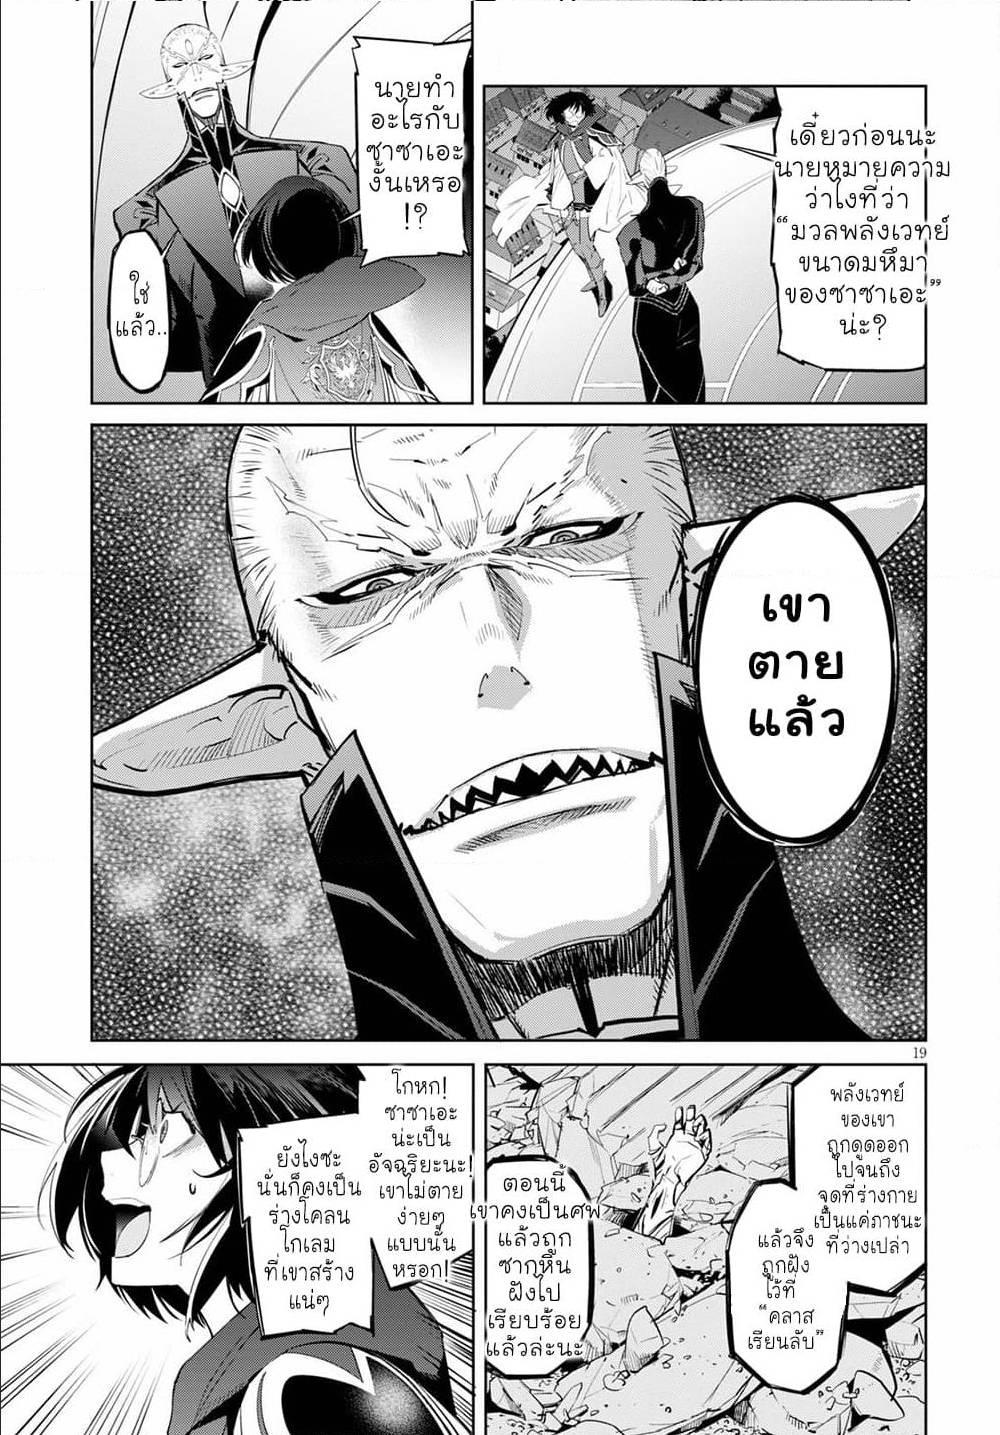 อ่านการ์ตูน Game obu Familia - Family Senki ตอนที่ 29 หน้าที่ 18